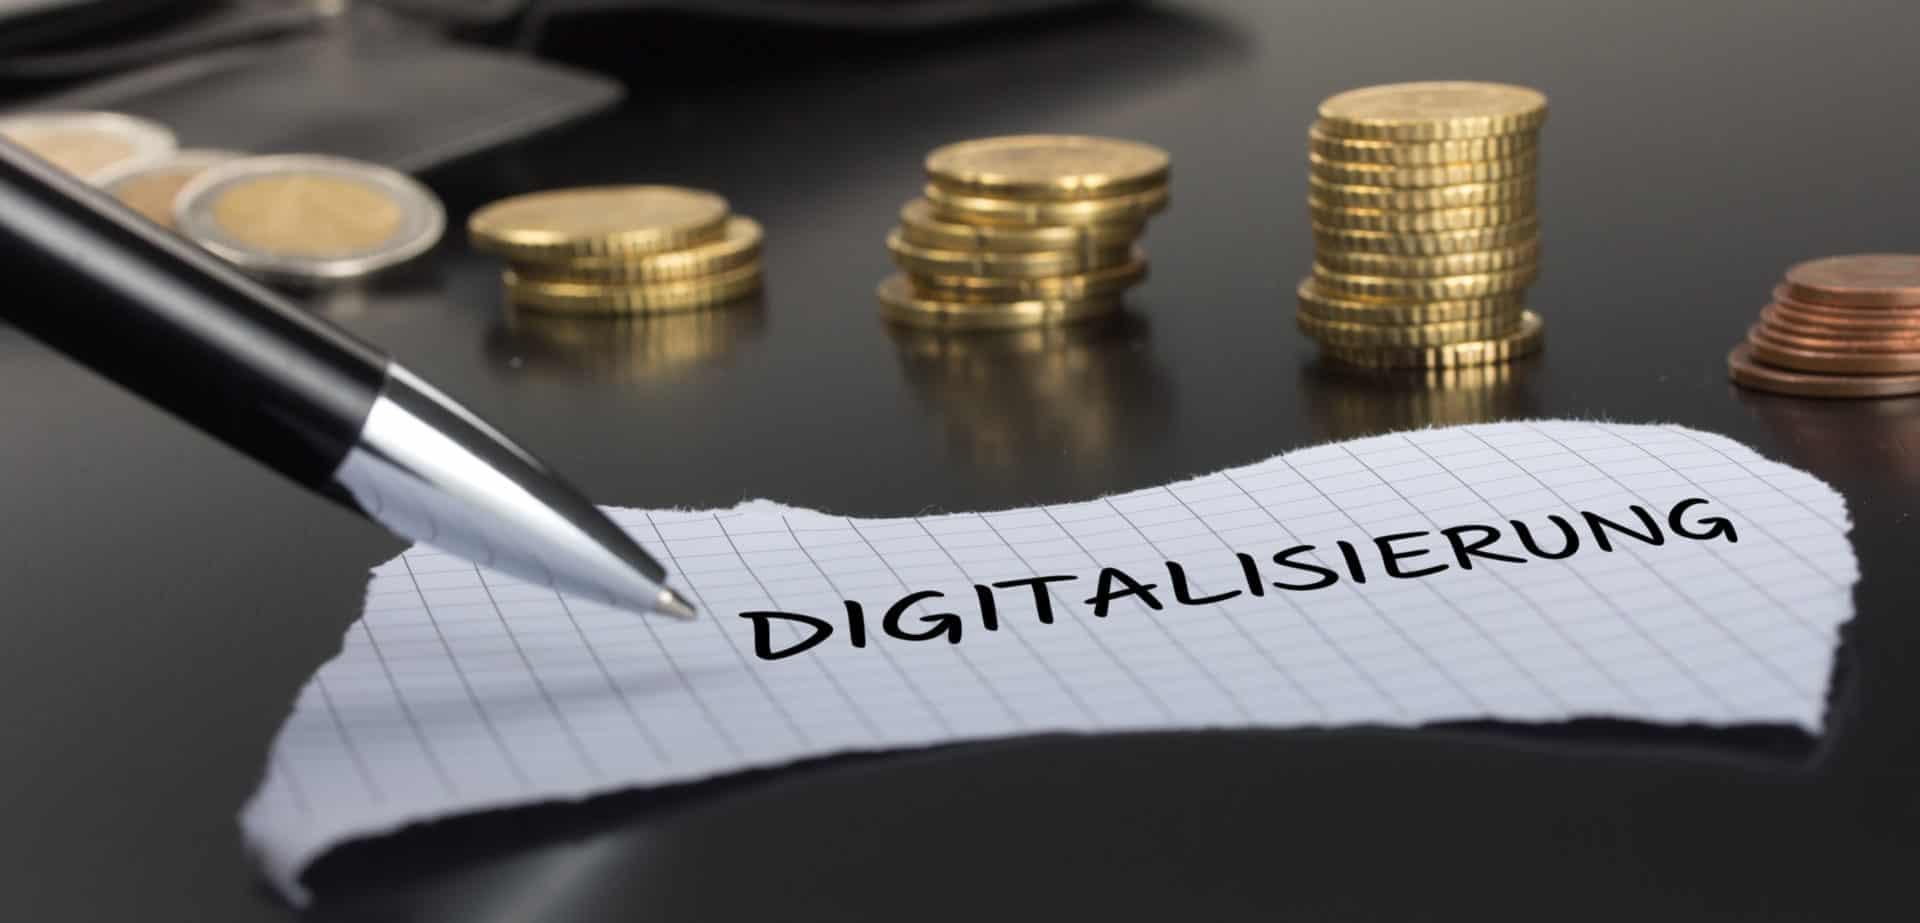 Digitalisierung im Handwerk lohnt sich das?